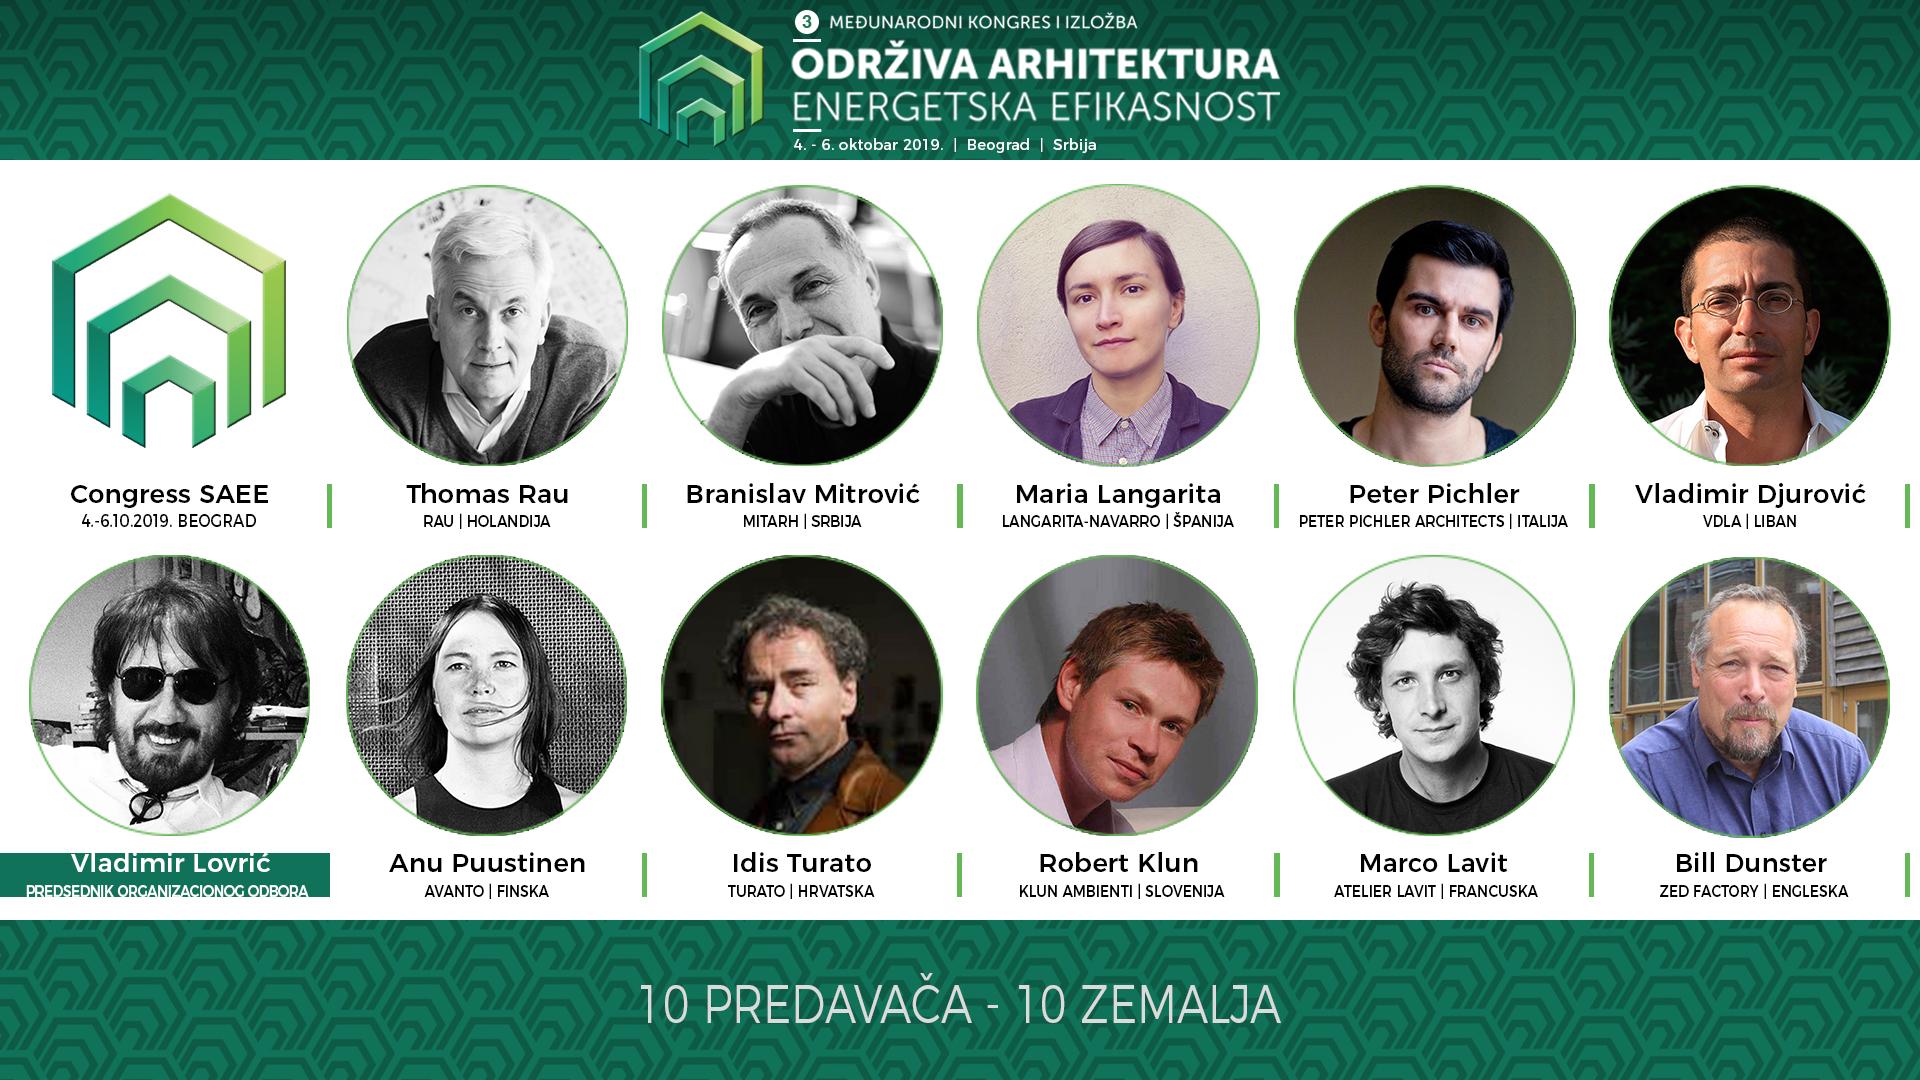 10 Poznatih Svetskih Arhitekata Iz 10 Zemalja Sveta Www